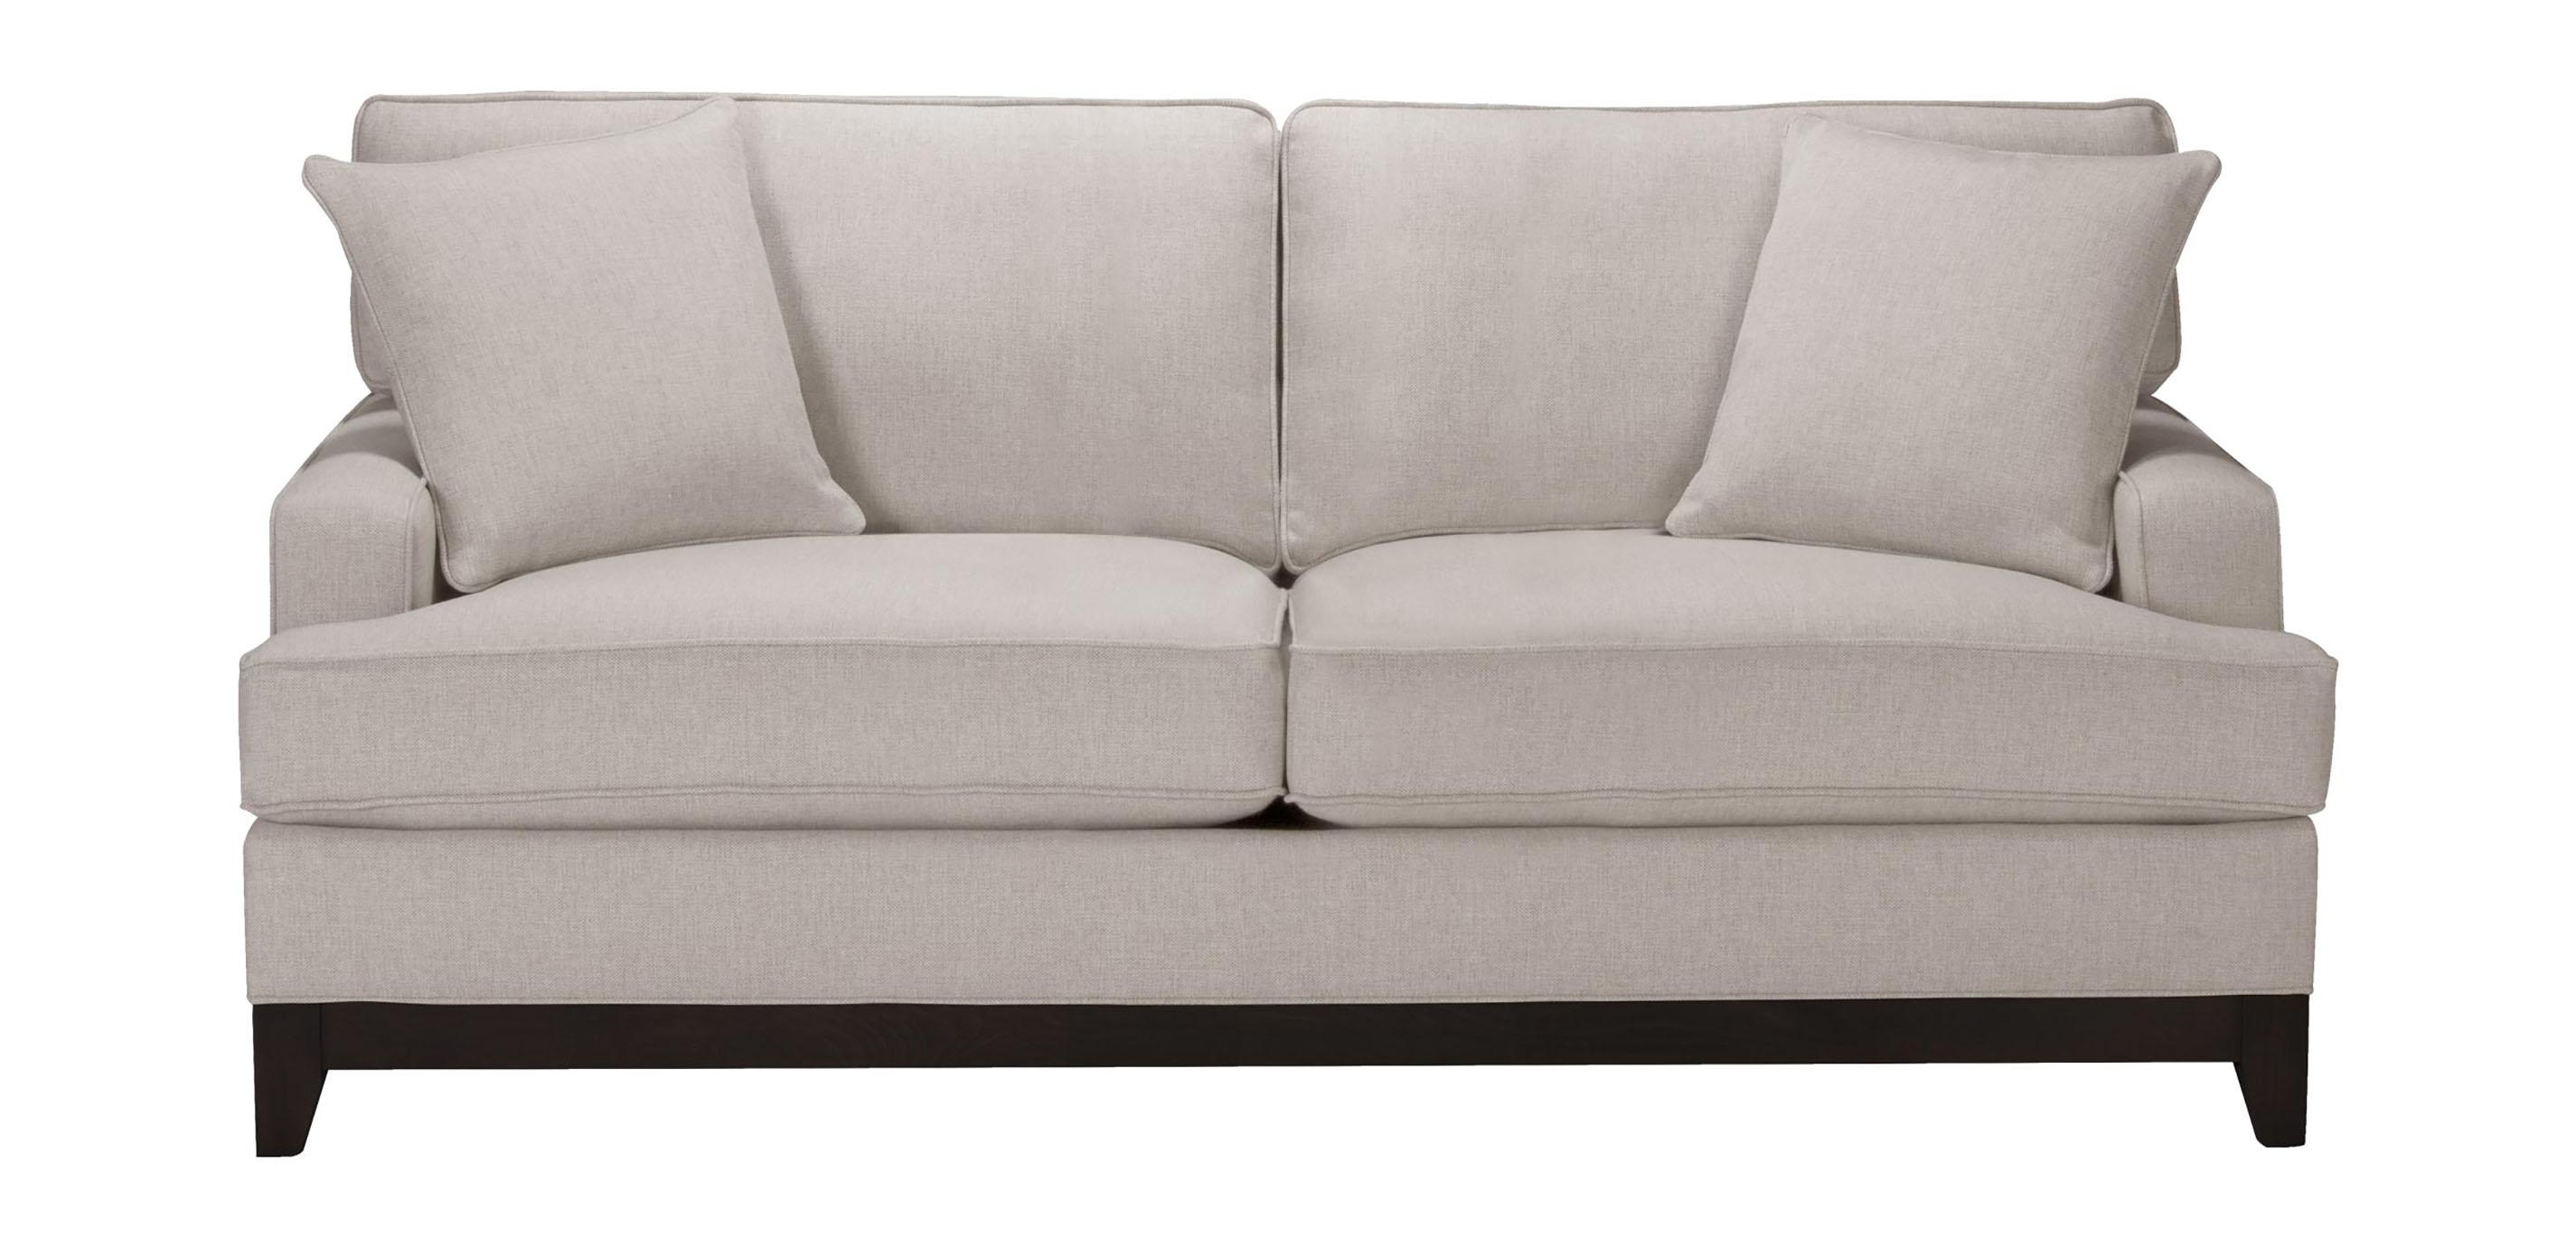 Arcata Sofa Quick Ship Sofas Loveseats Ethan Allen